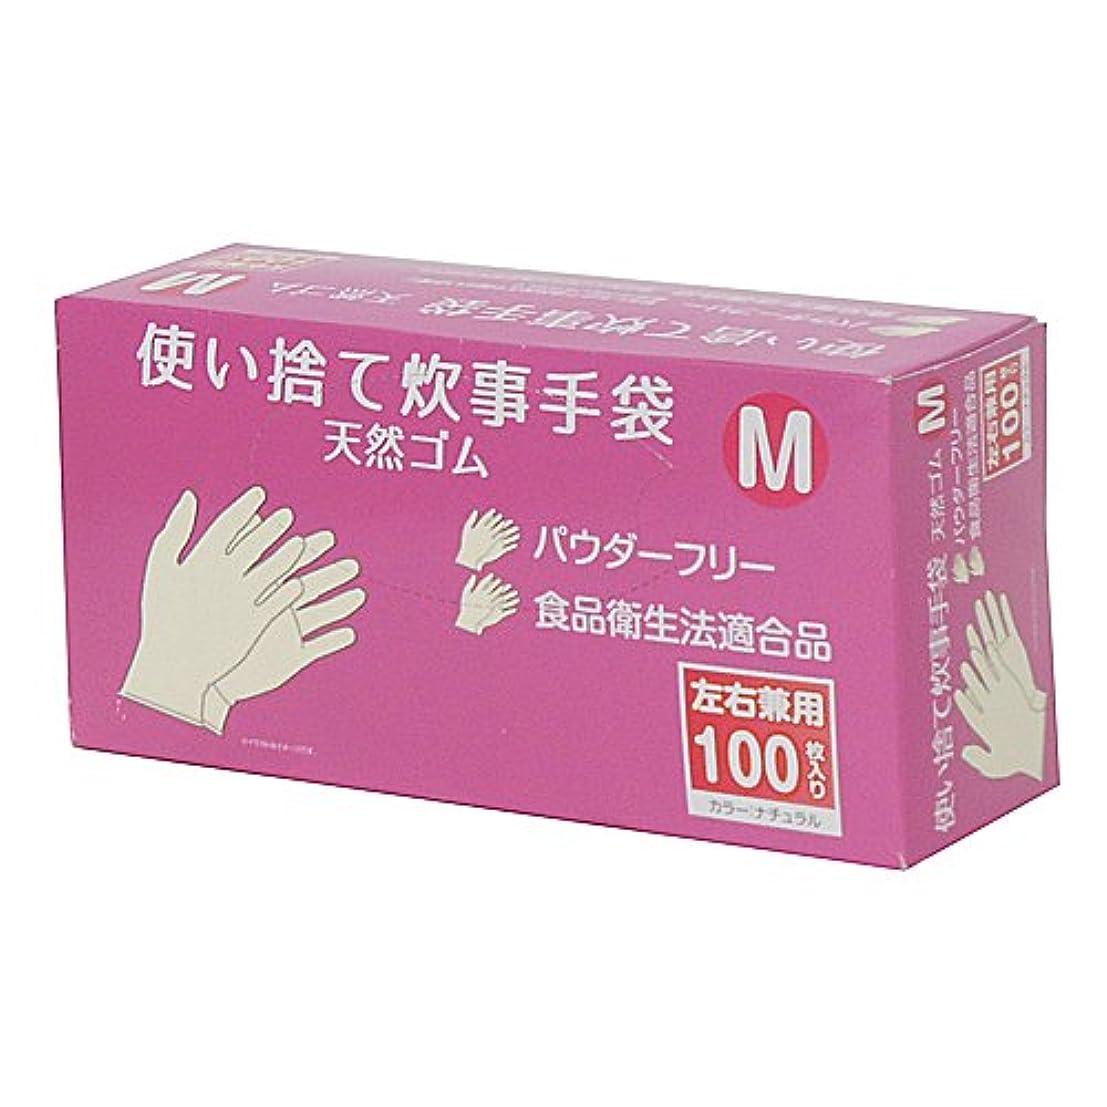 ヤング日に対してコーナンオリジナル 使い捨て 炊事手袋 天然ゴム 100枚入り M KFY05-1128